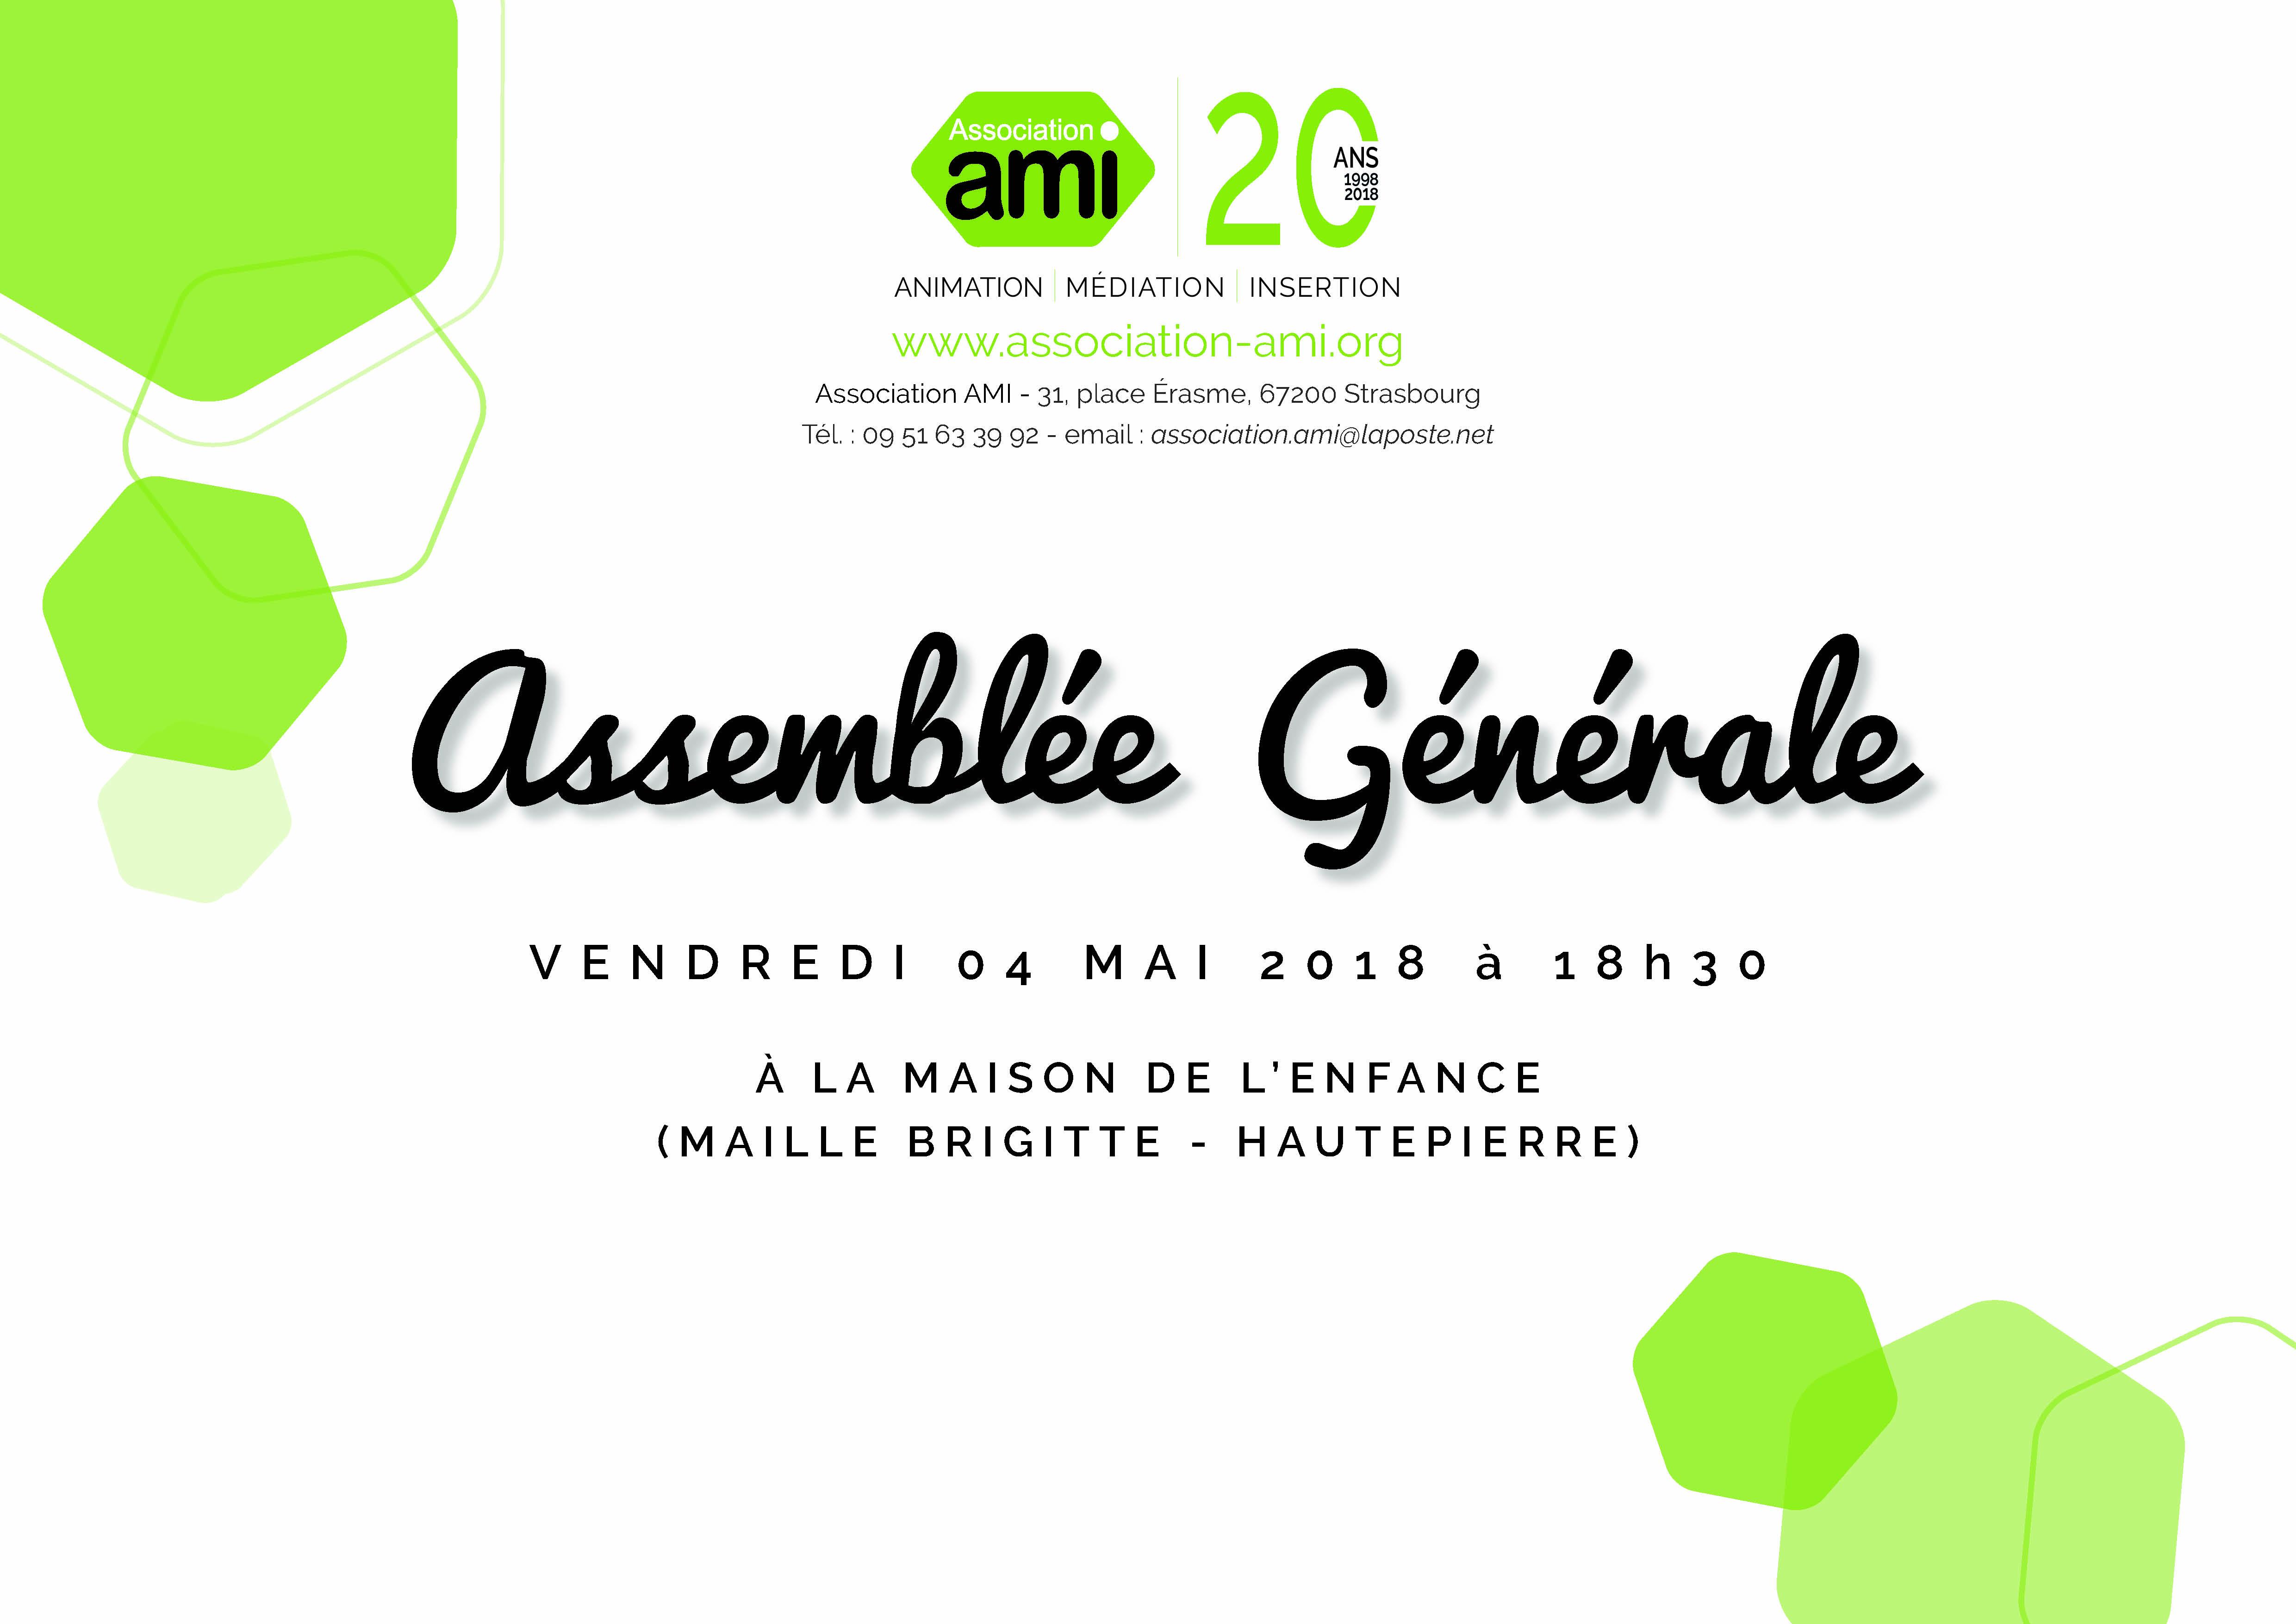 Assemblée Générale de l'Association AMI